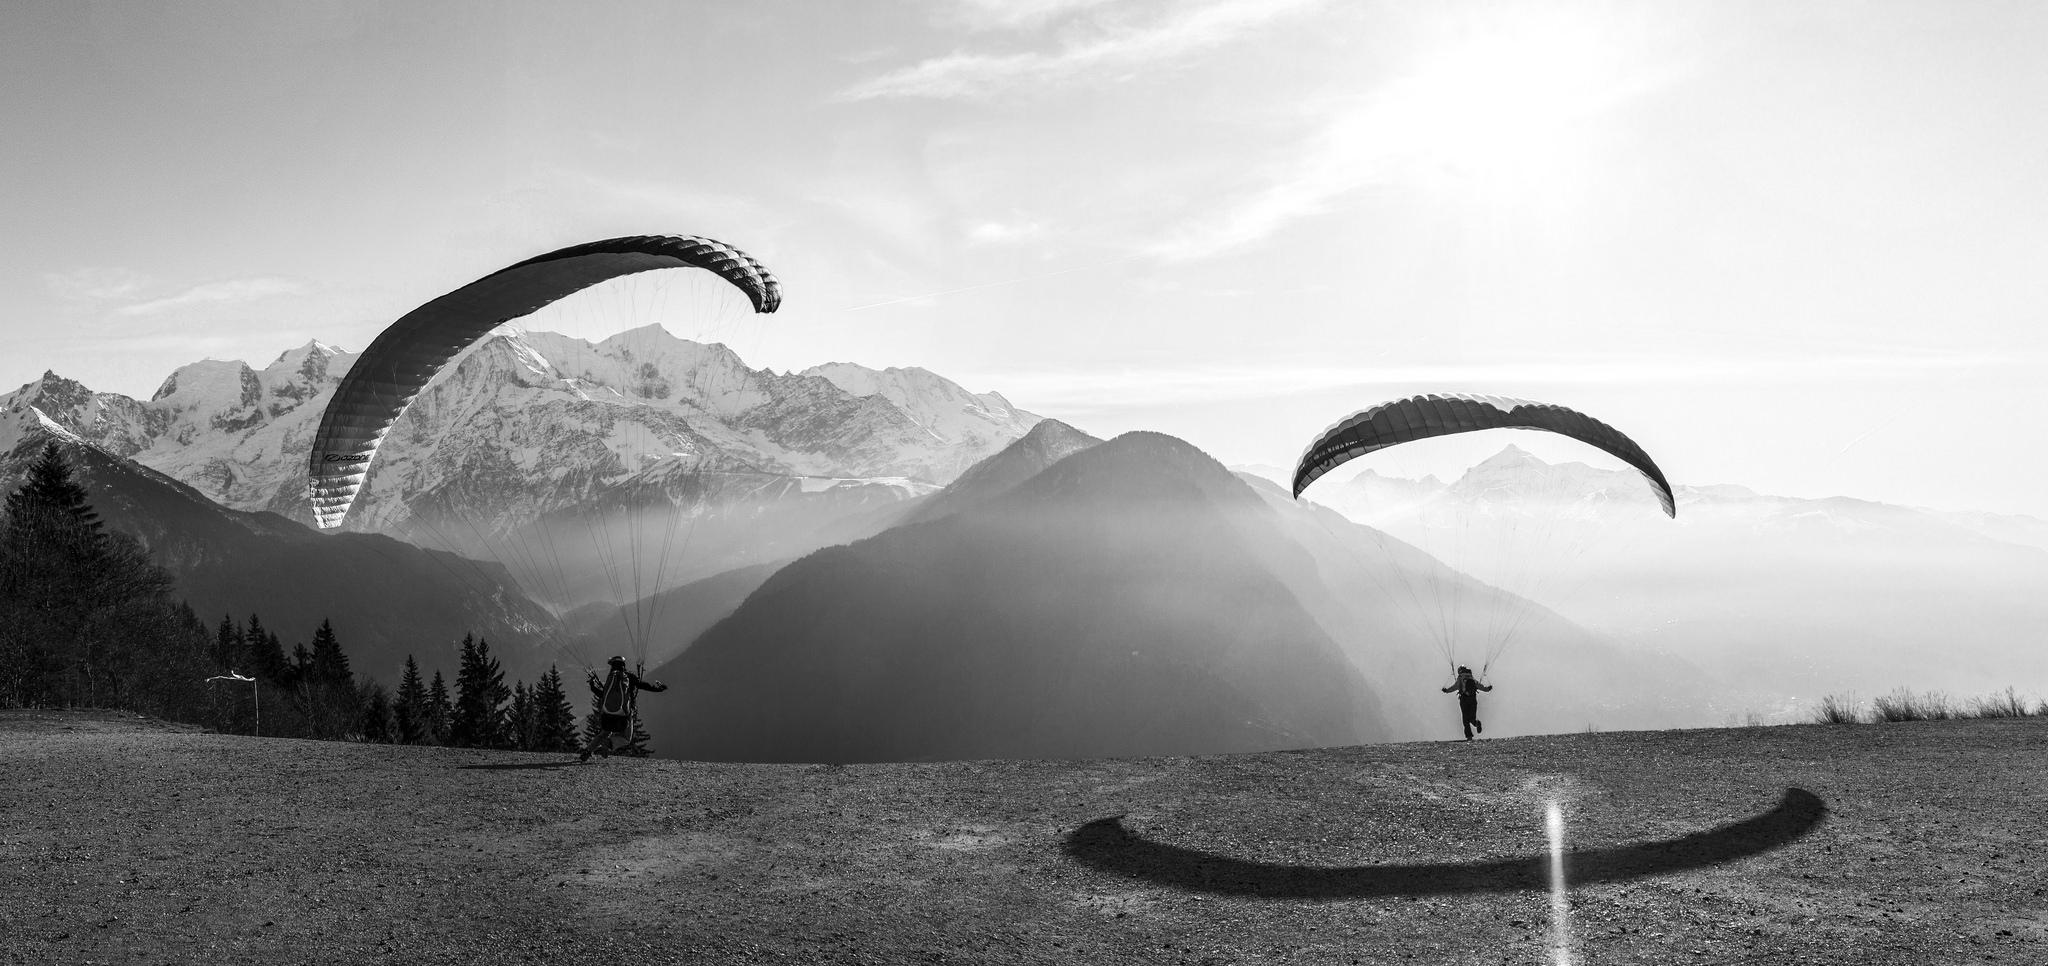 Plaine-Joux paragliding departure, France